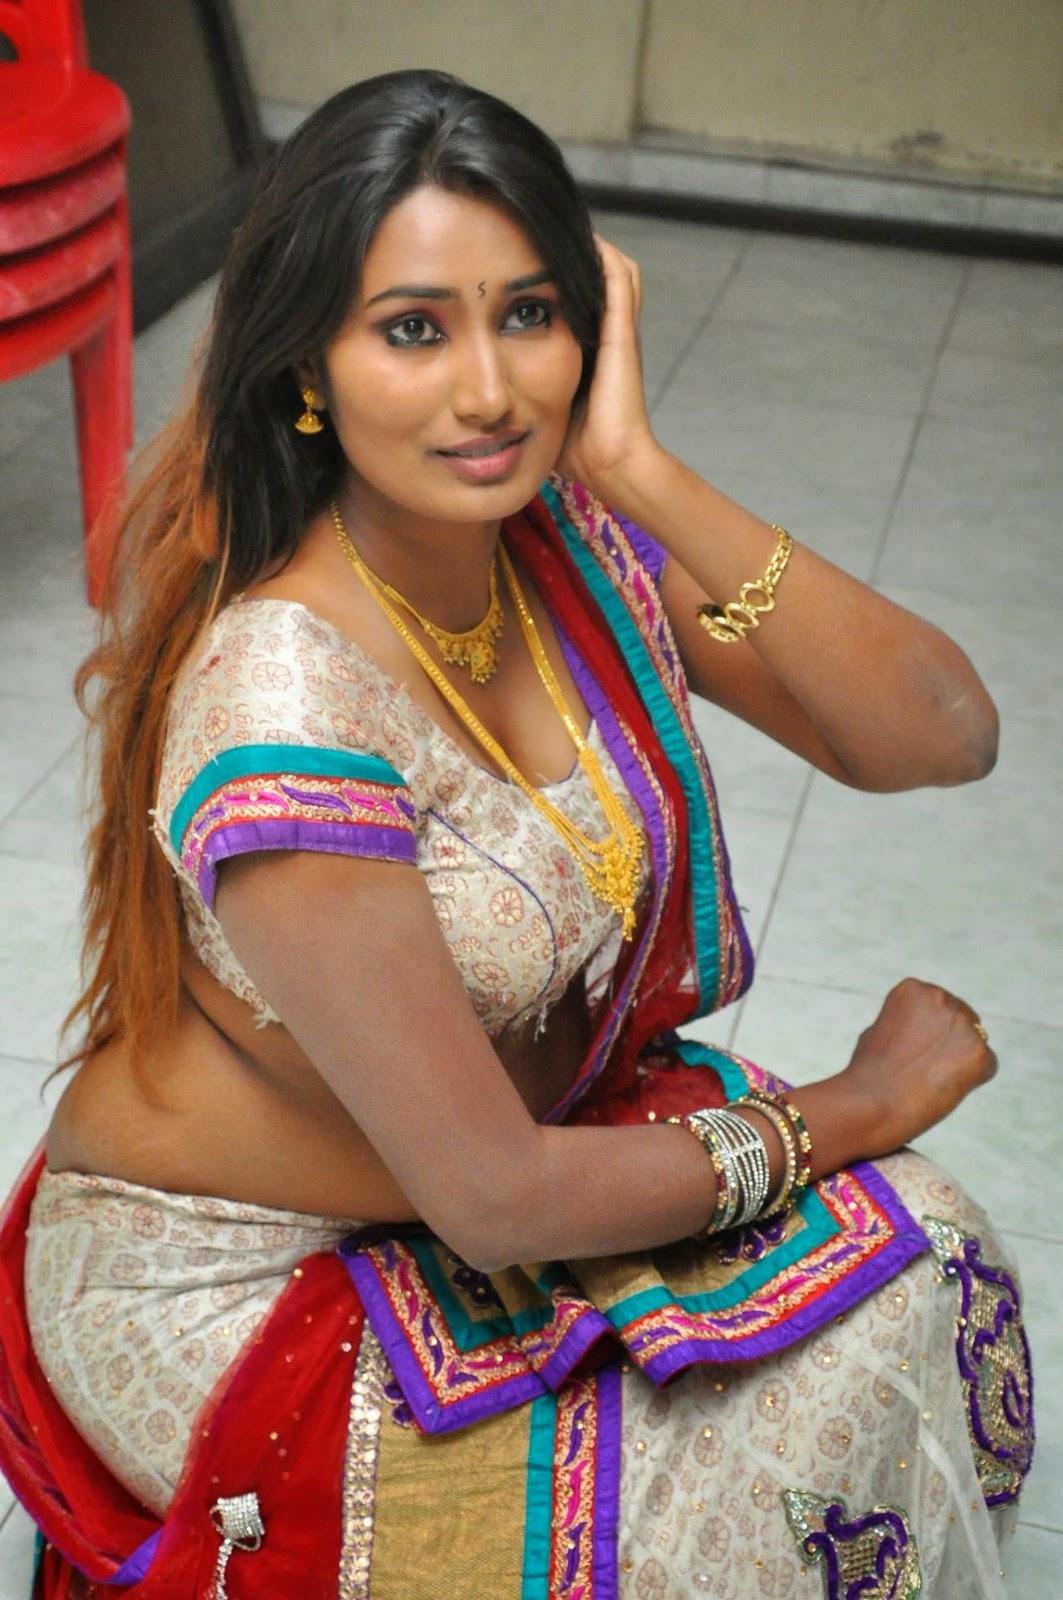 Big boob in saree